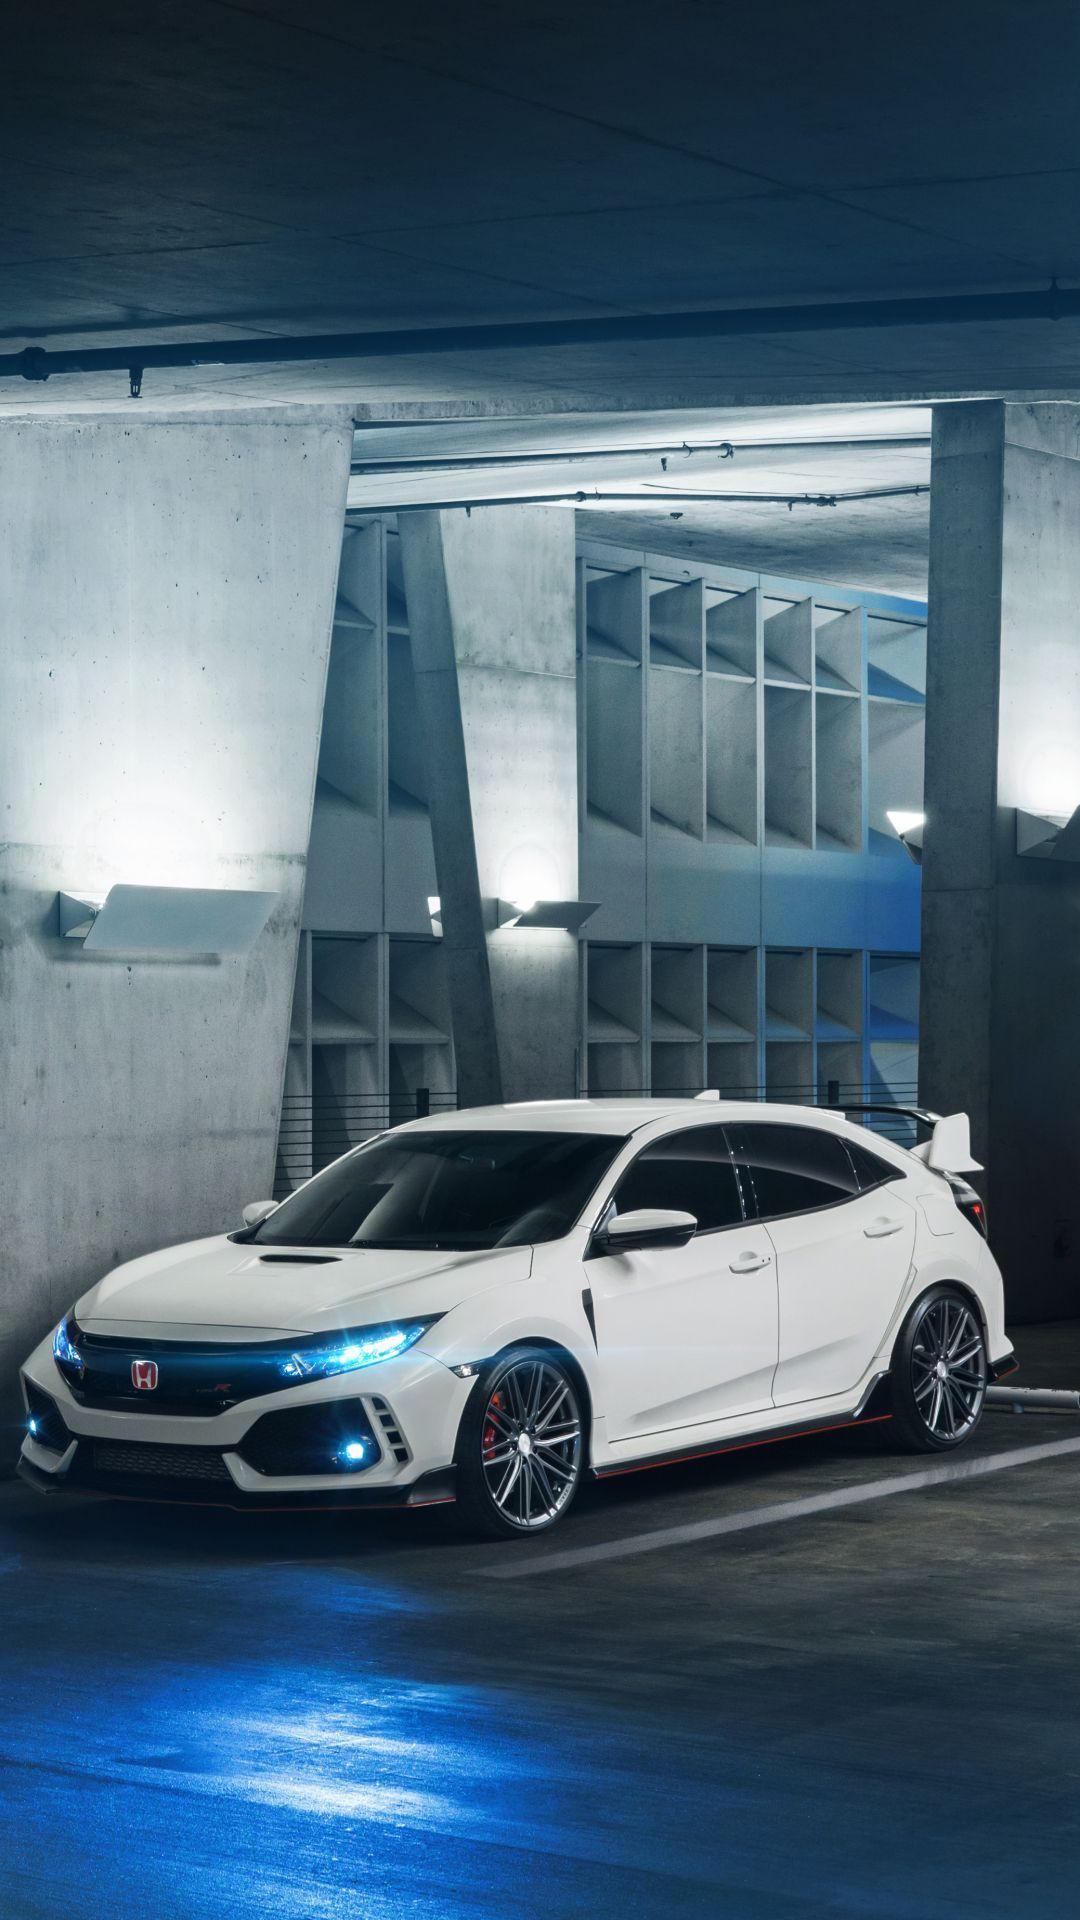 Honda Type R Phone Wallpapers - Wallpaper Cave